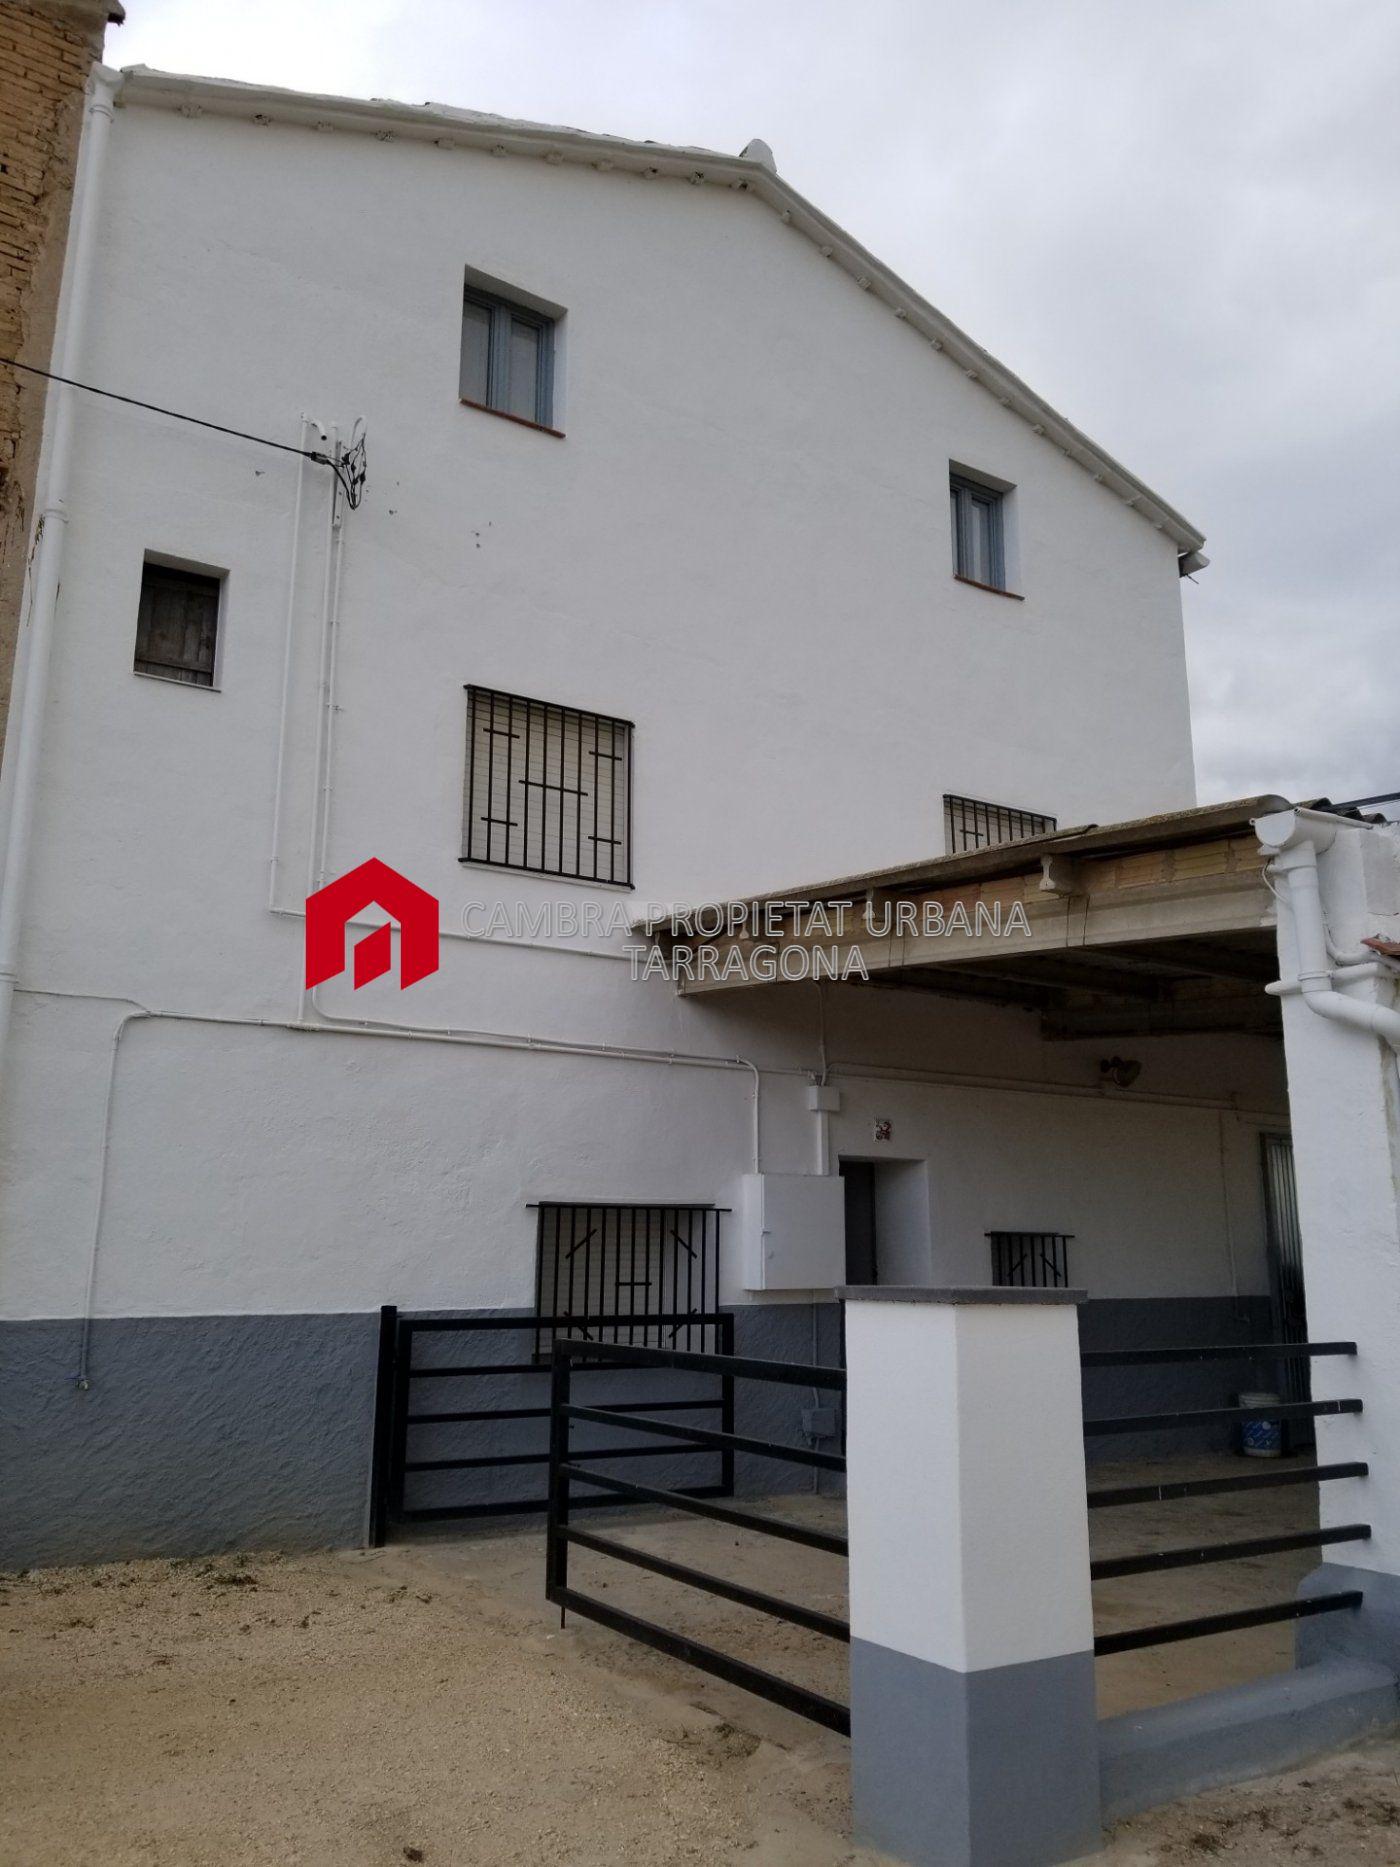 casa-amb-terreny en tortosa · sant-vicent-ferreries 0€